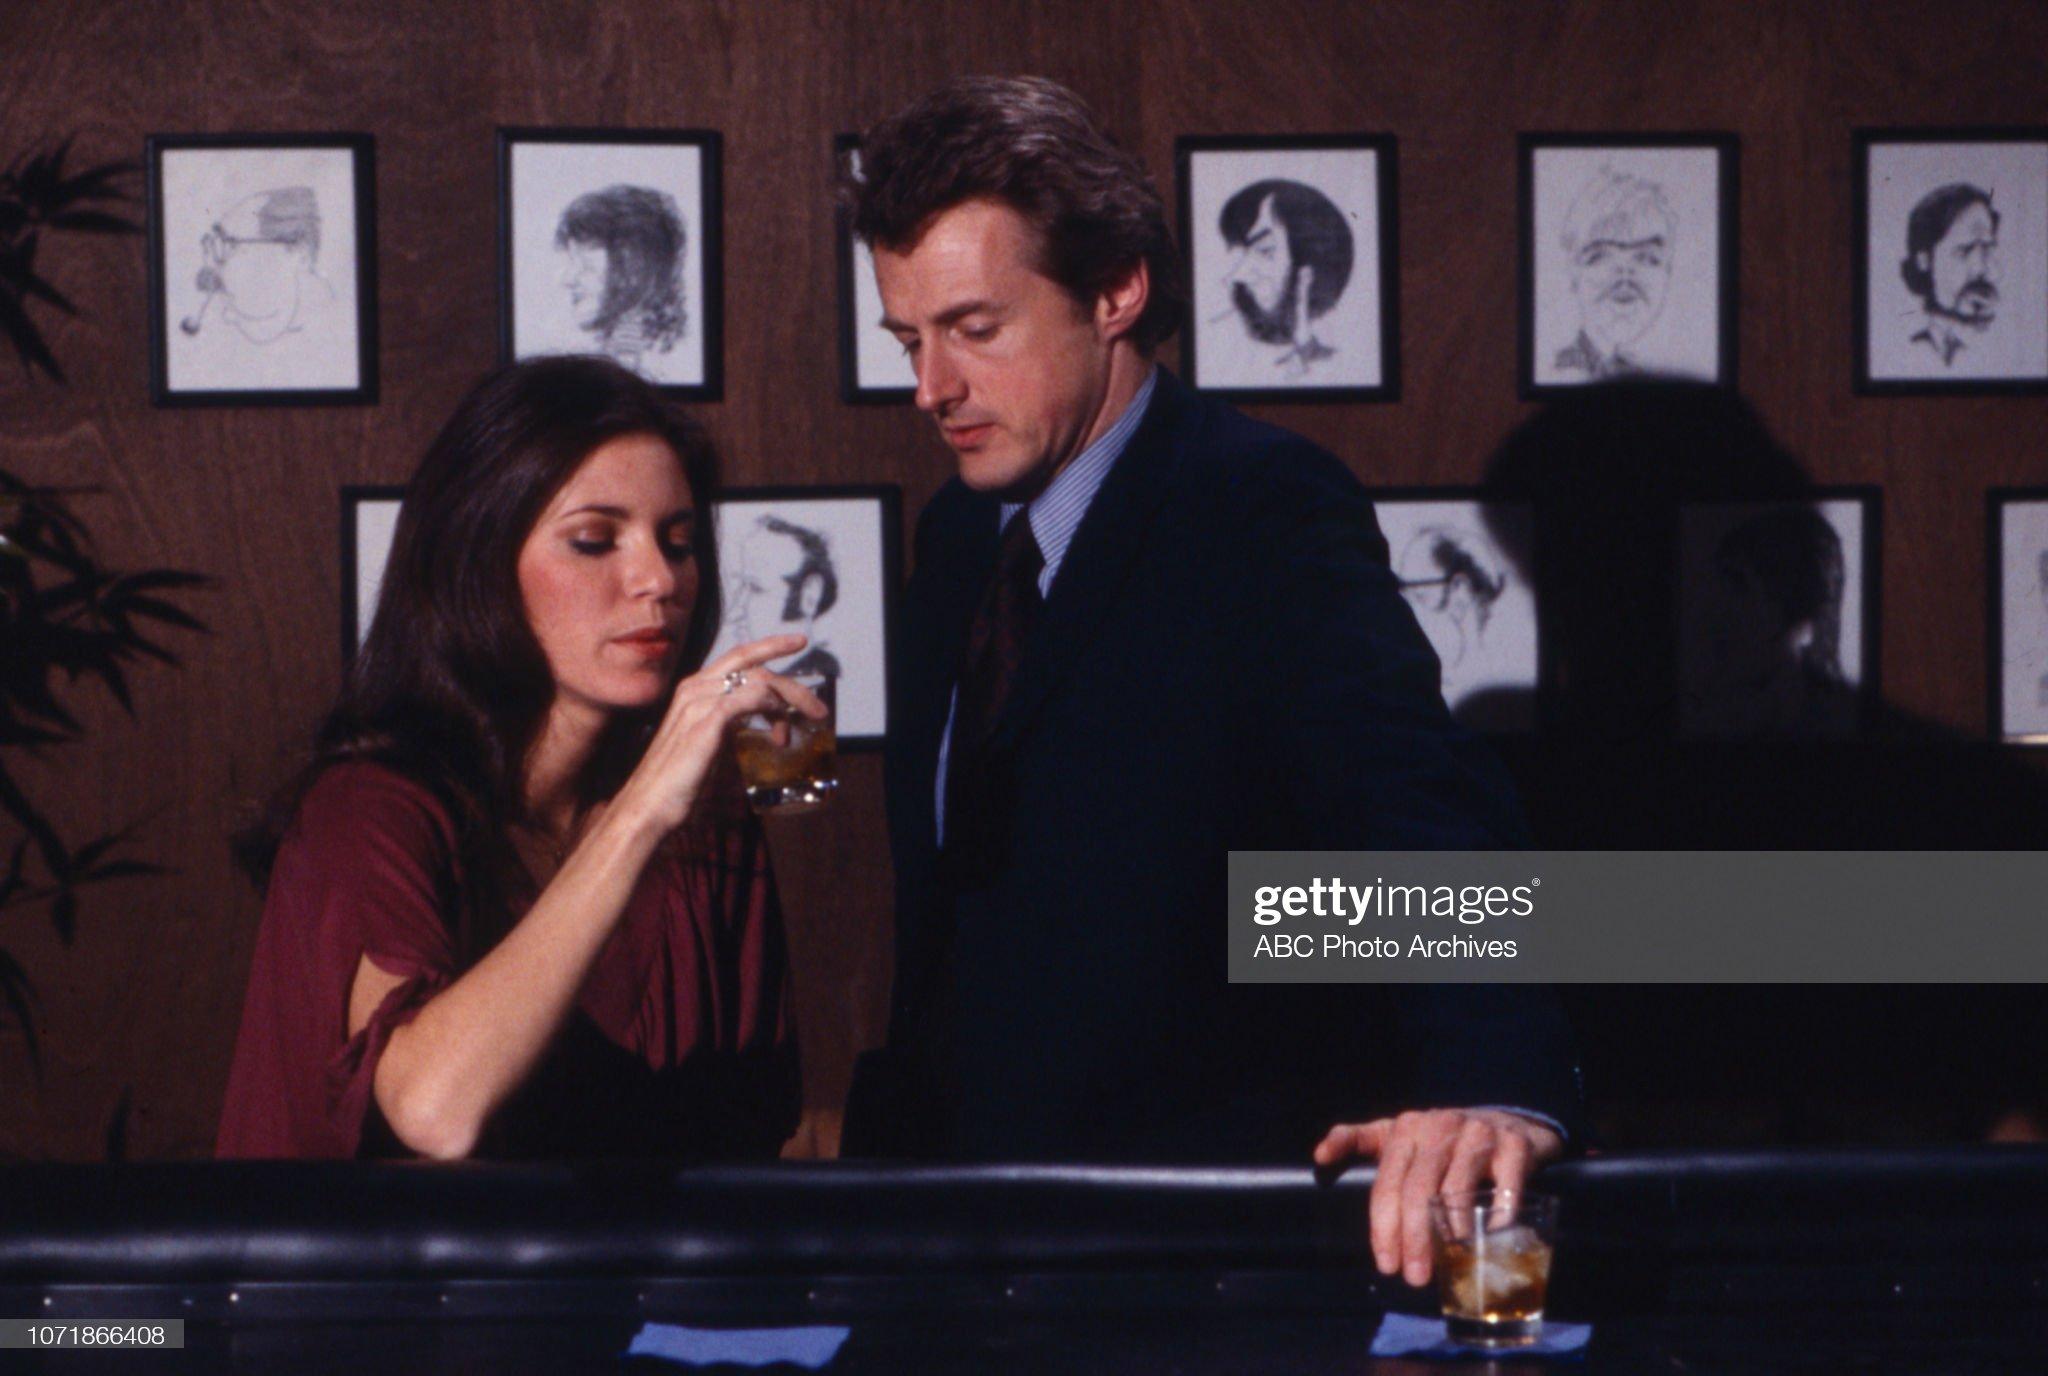 Lori Cardille, Joe Lambie Appearing On 'Edge of Night' : News Photo